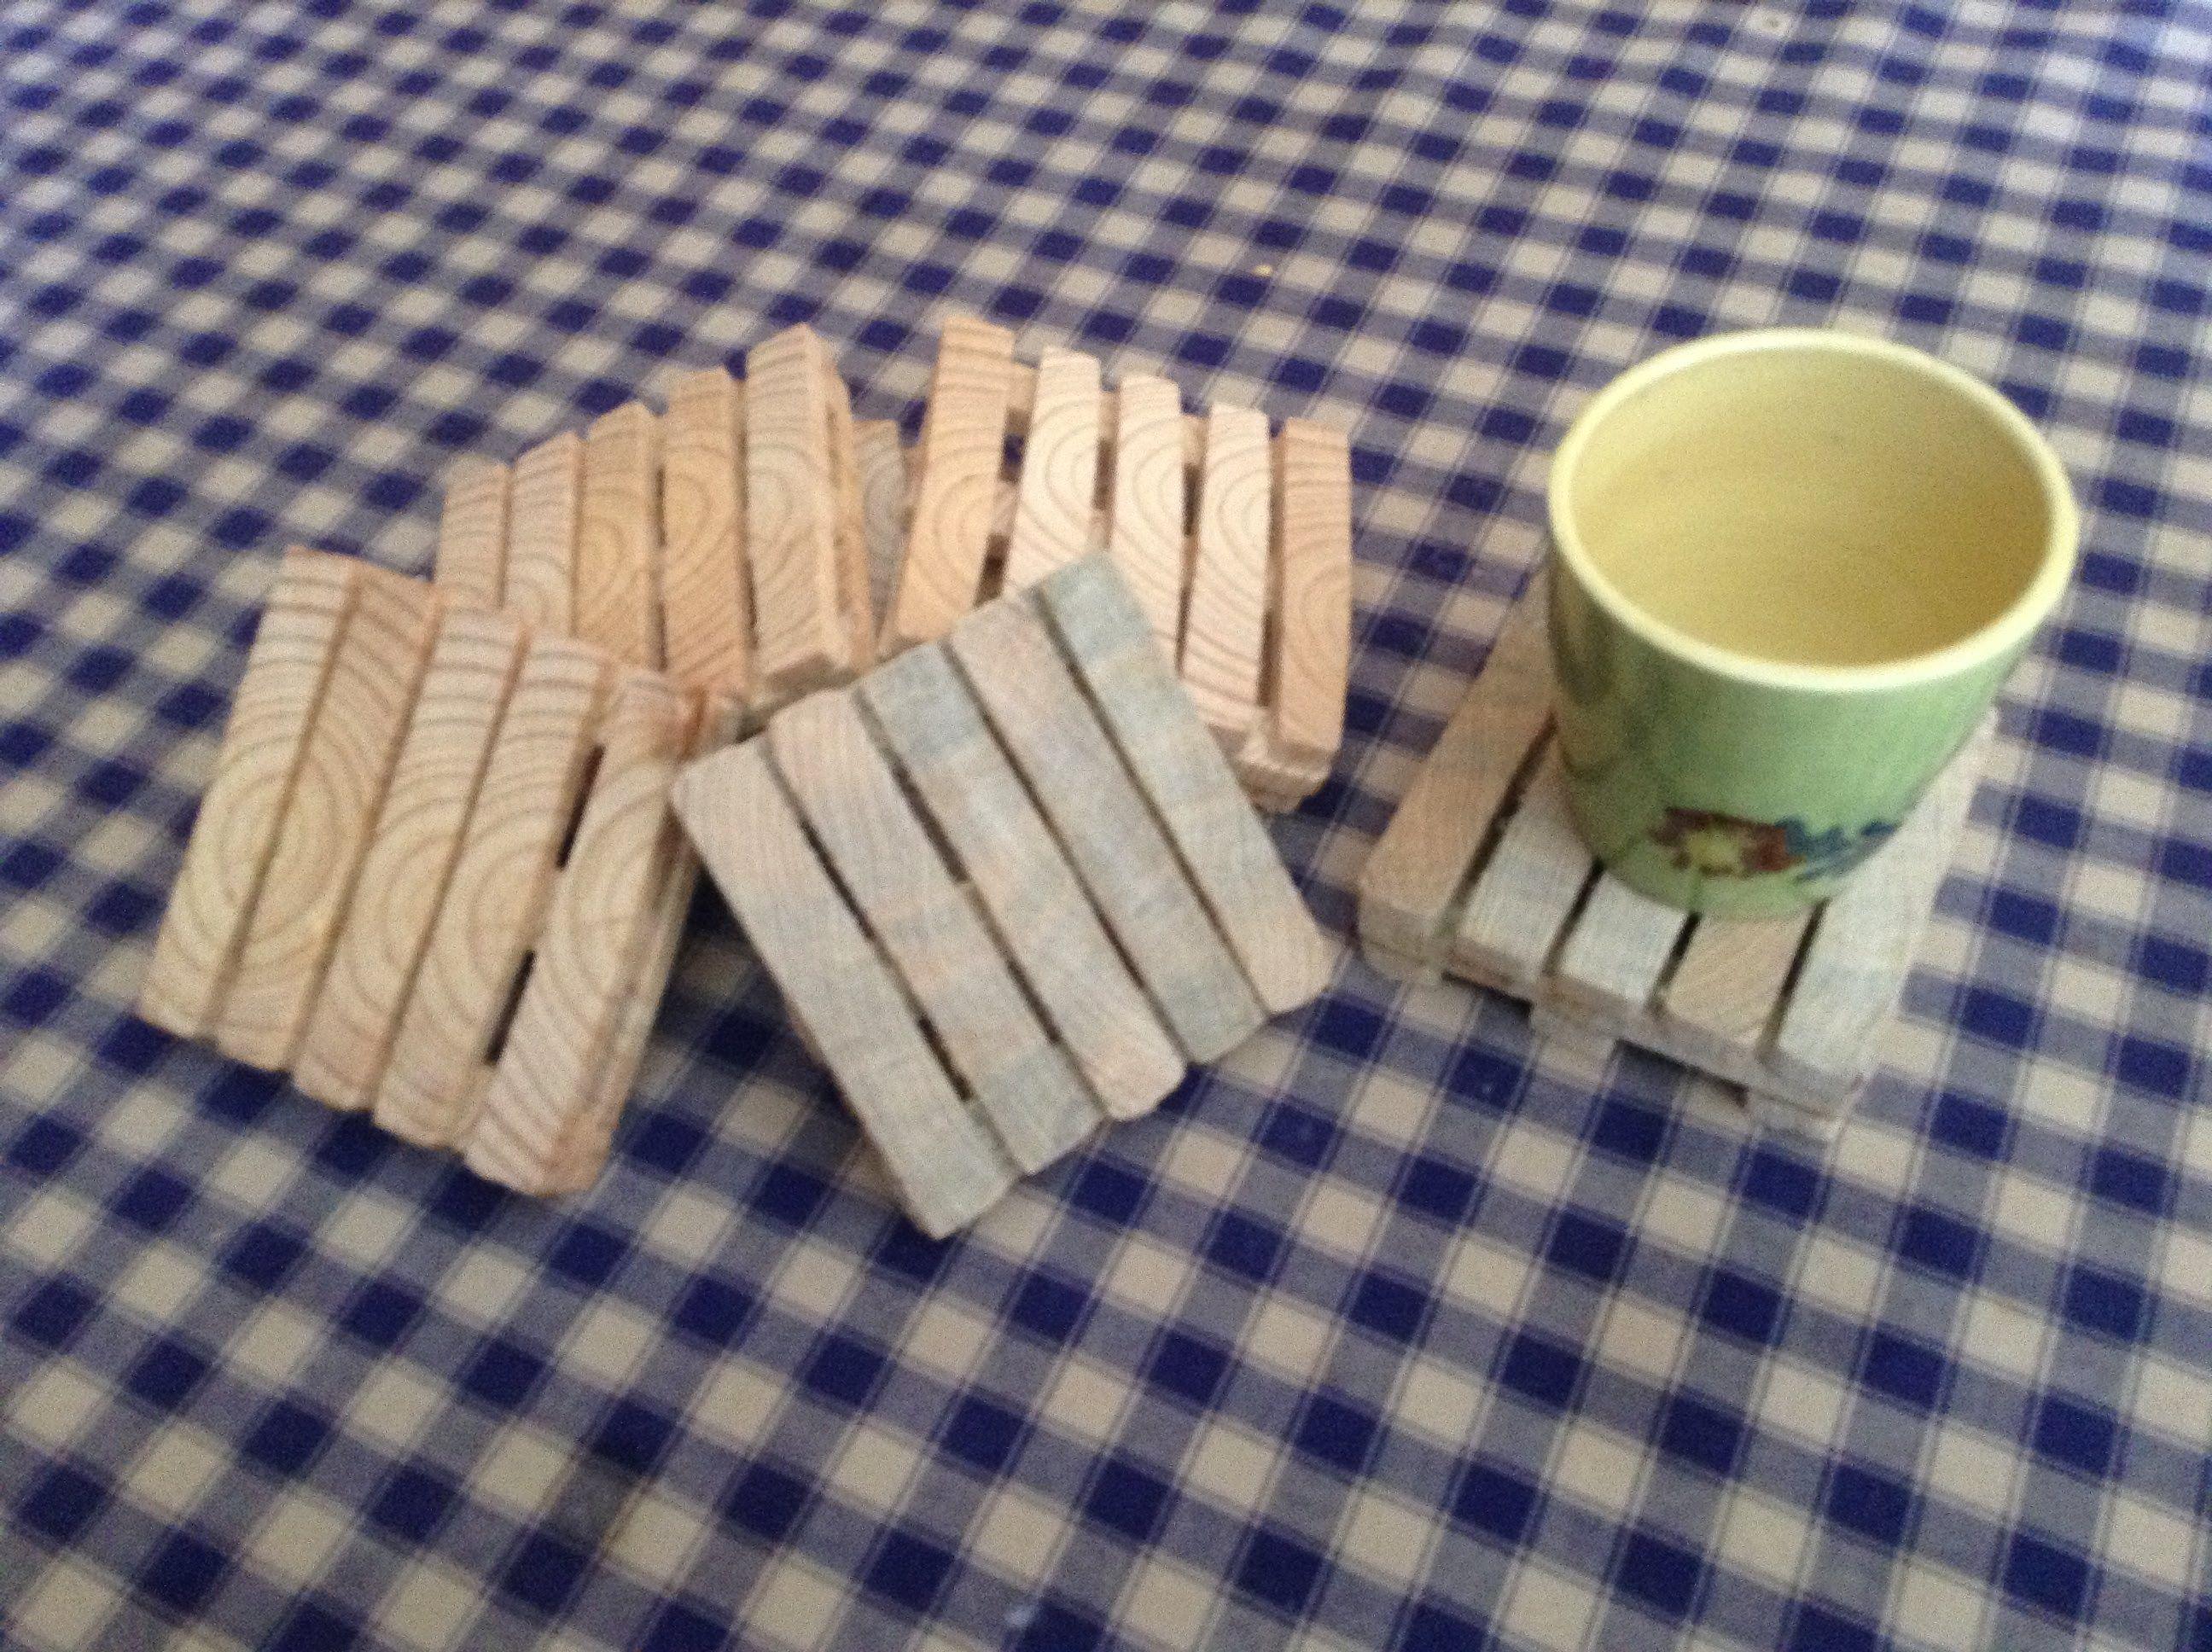 fabrication de dessous de plats en forme de palettes avec des palettes projets en bois. Black Bedroom Furniture Sets. Home Design Ideas